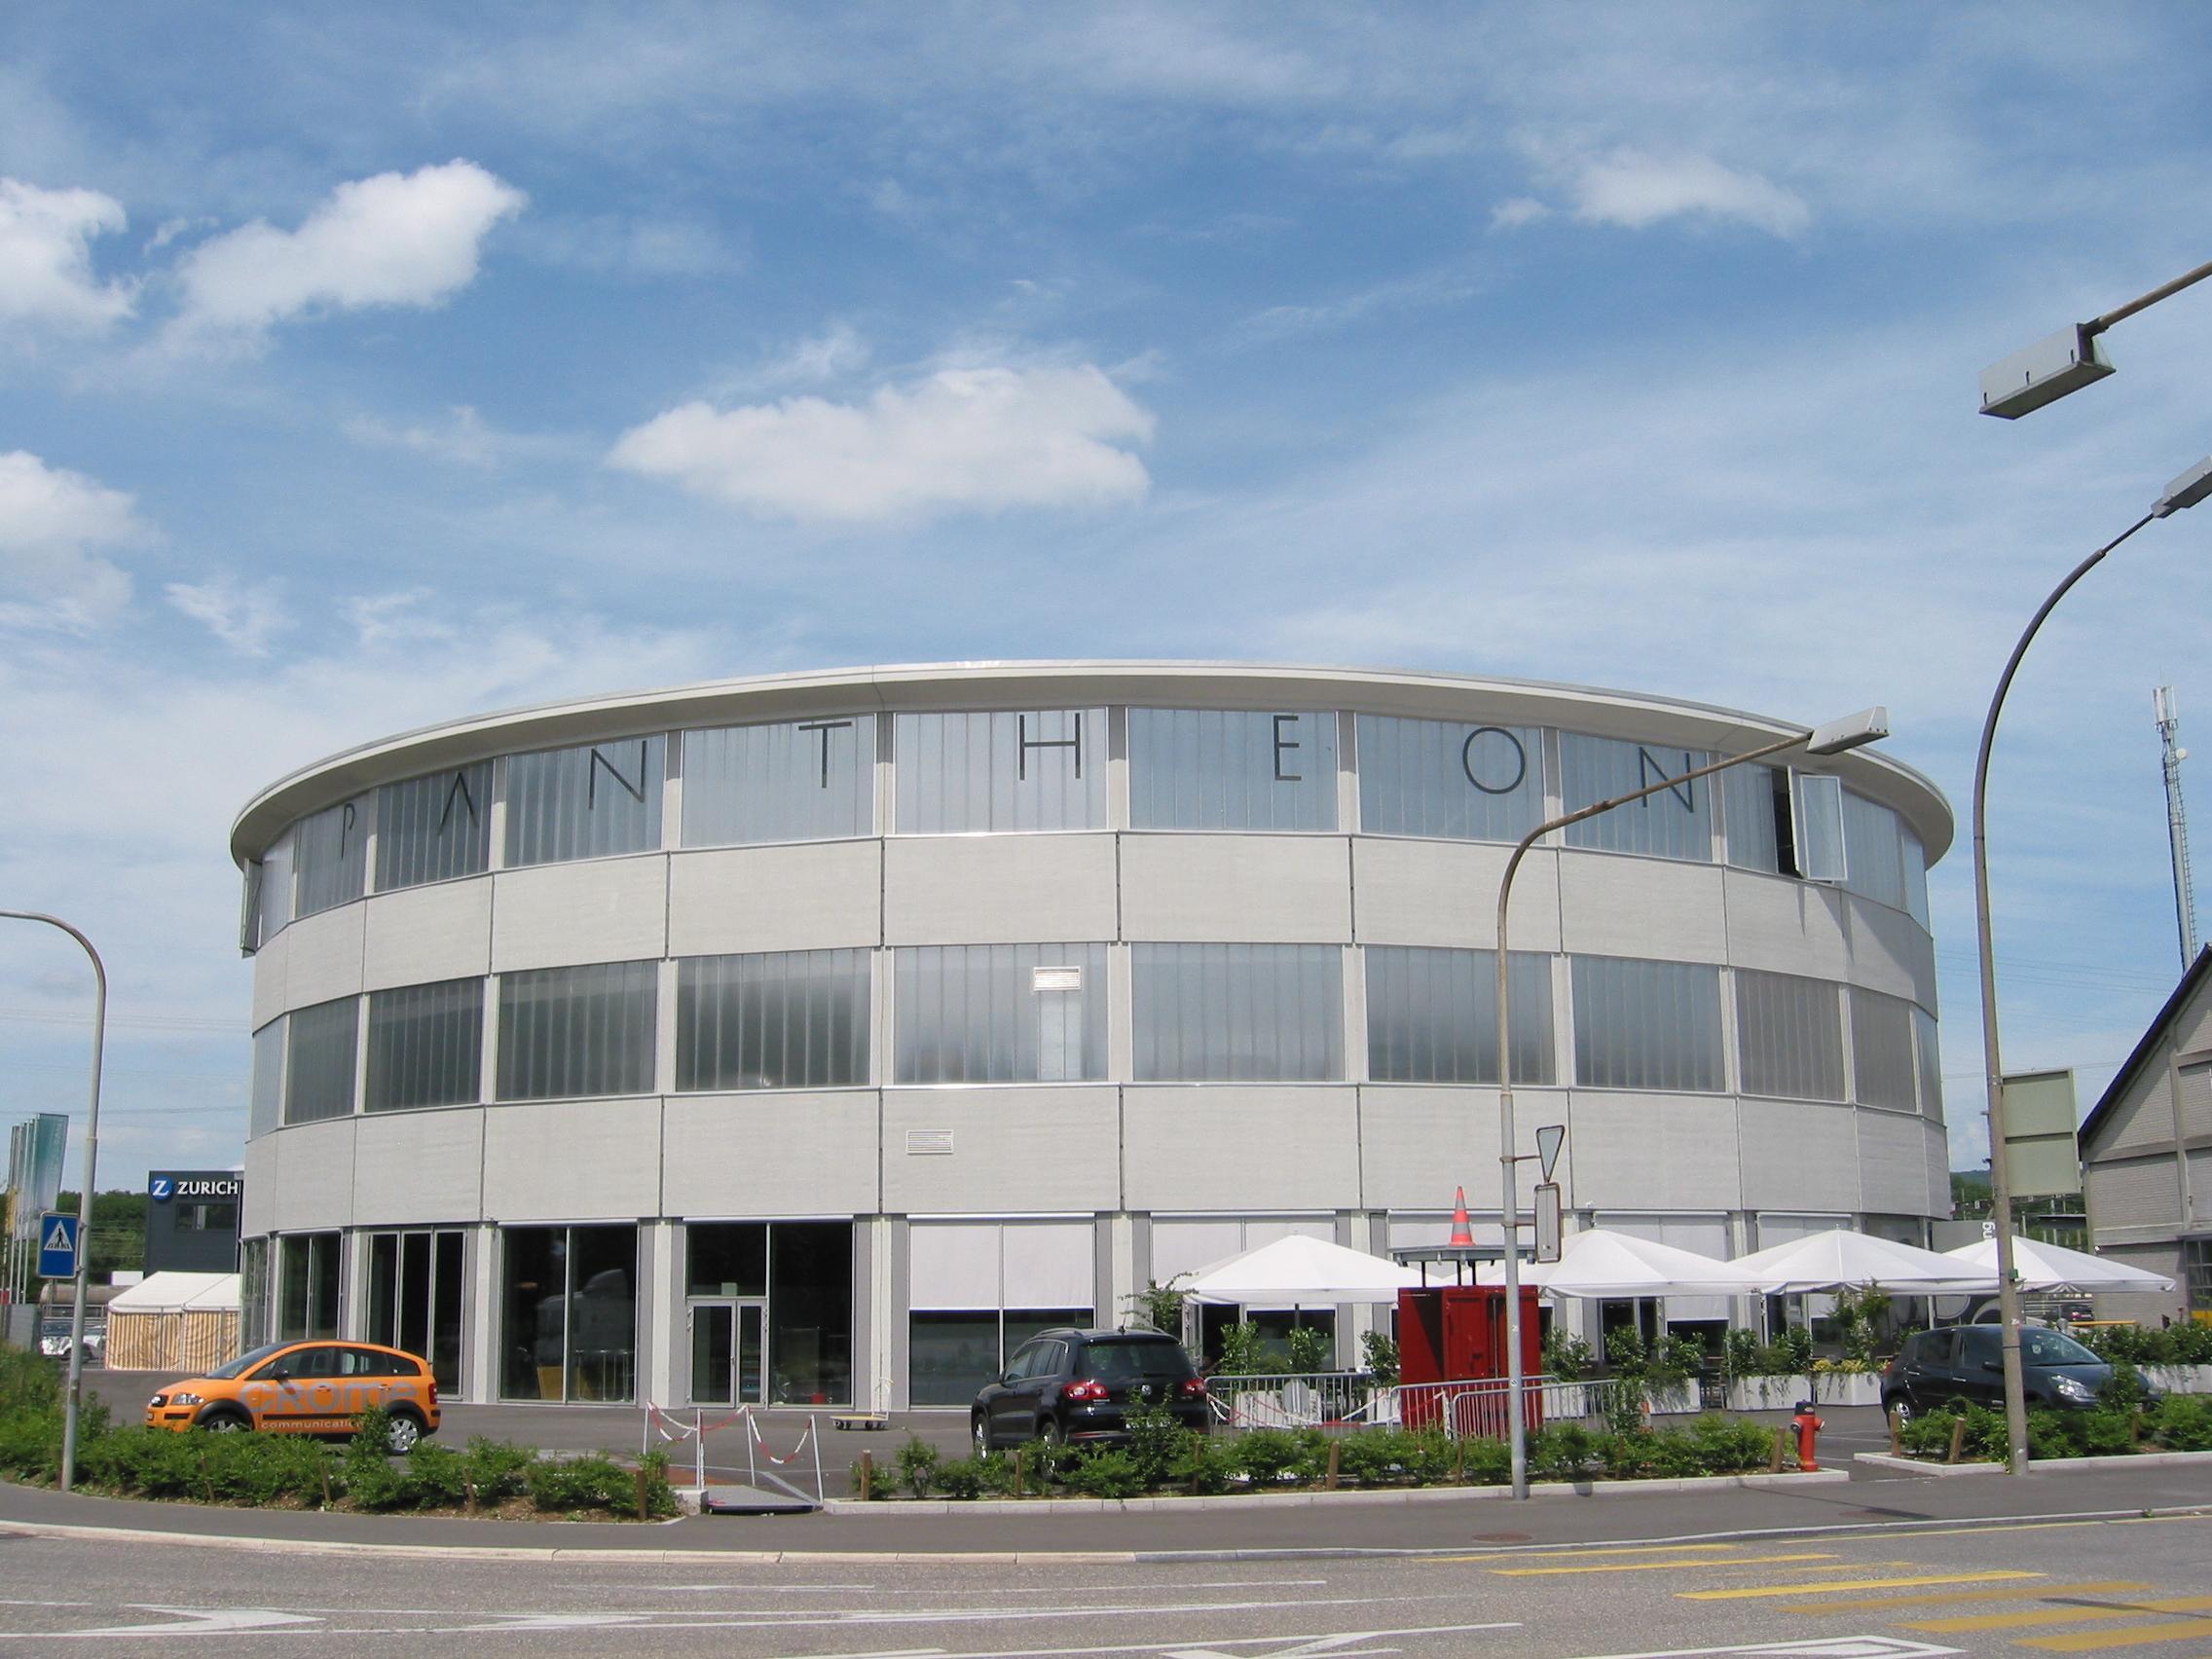 Muttenz Switzerland  City pictures : Datei:Schweiz Muttenz Museumsgebäude – Wikipedia